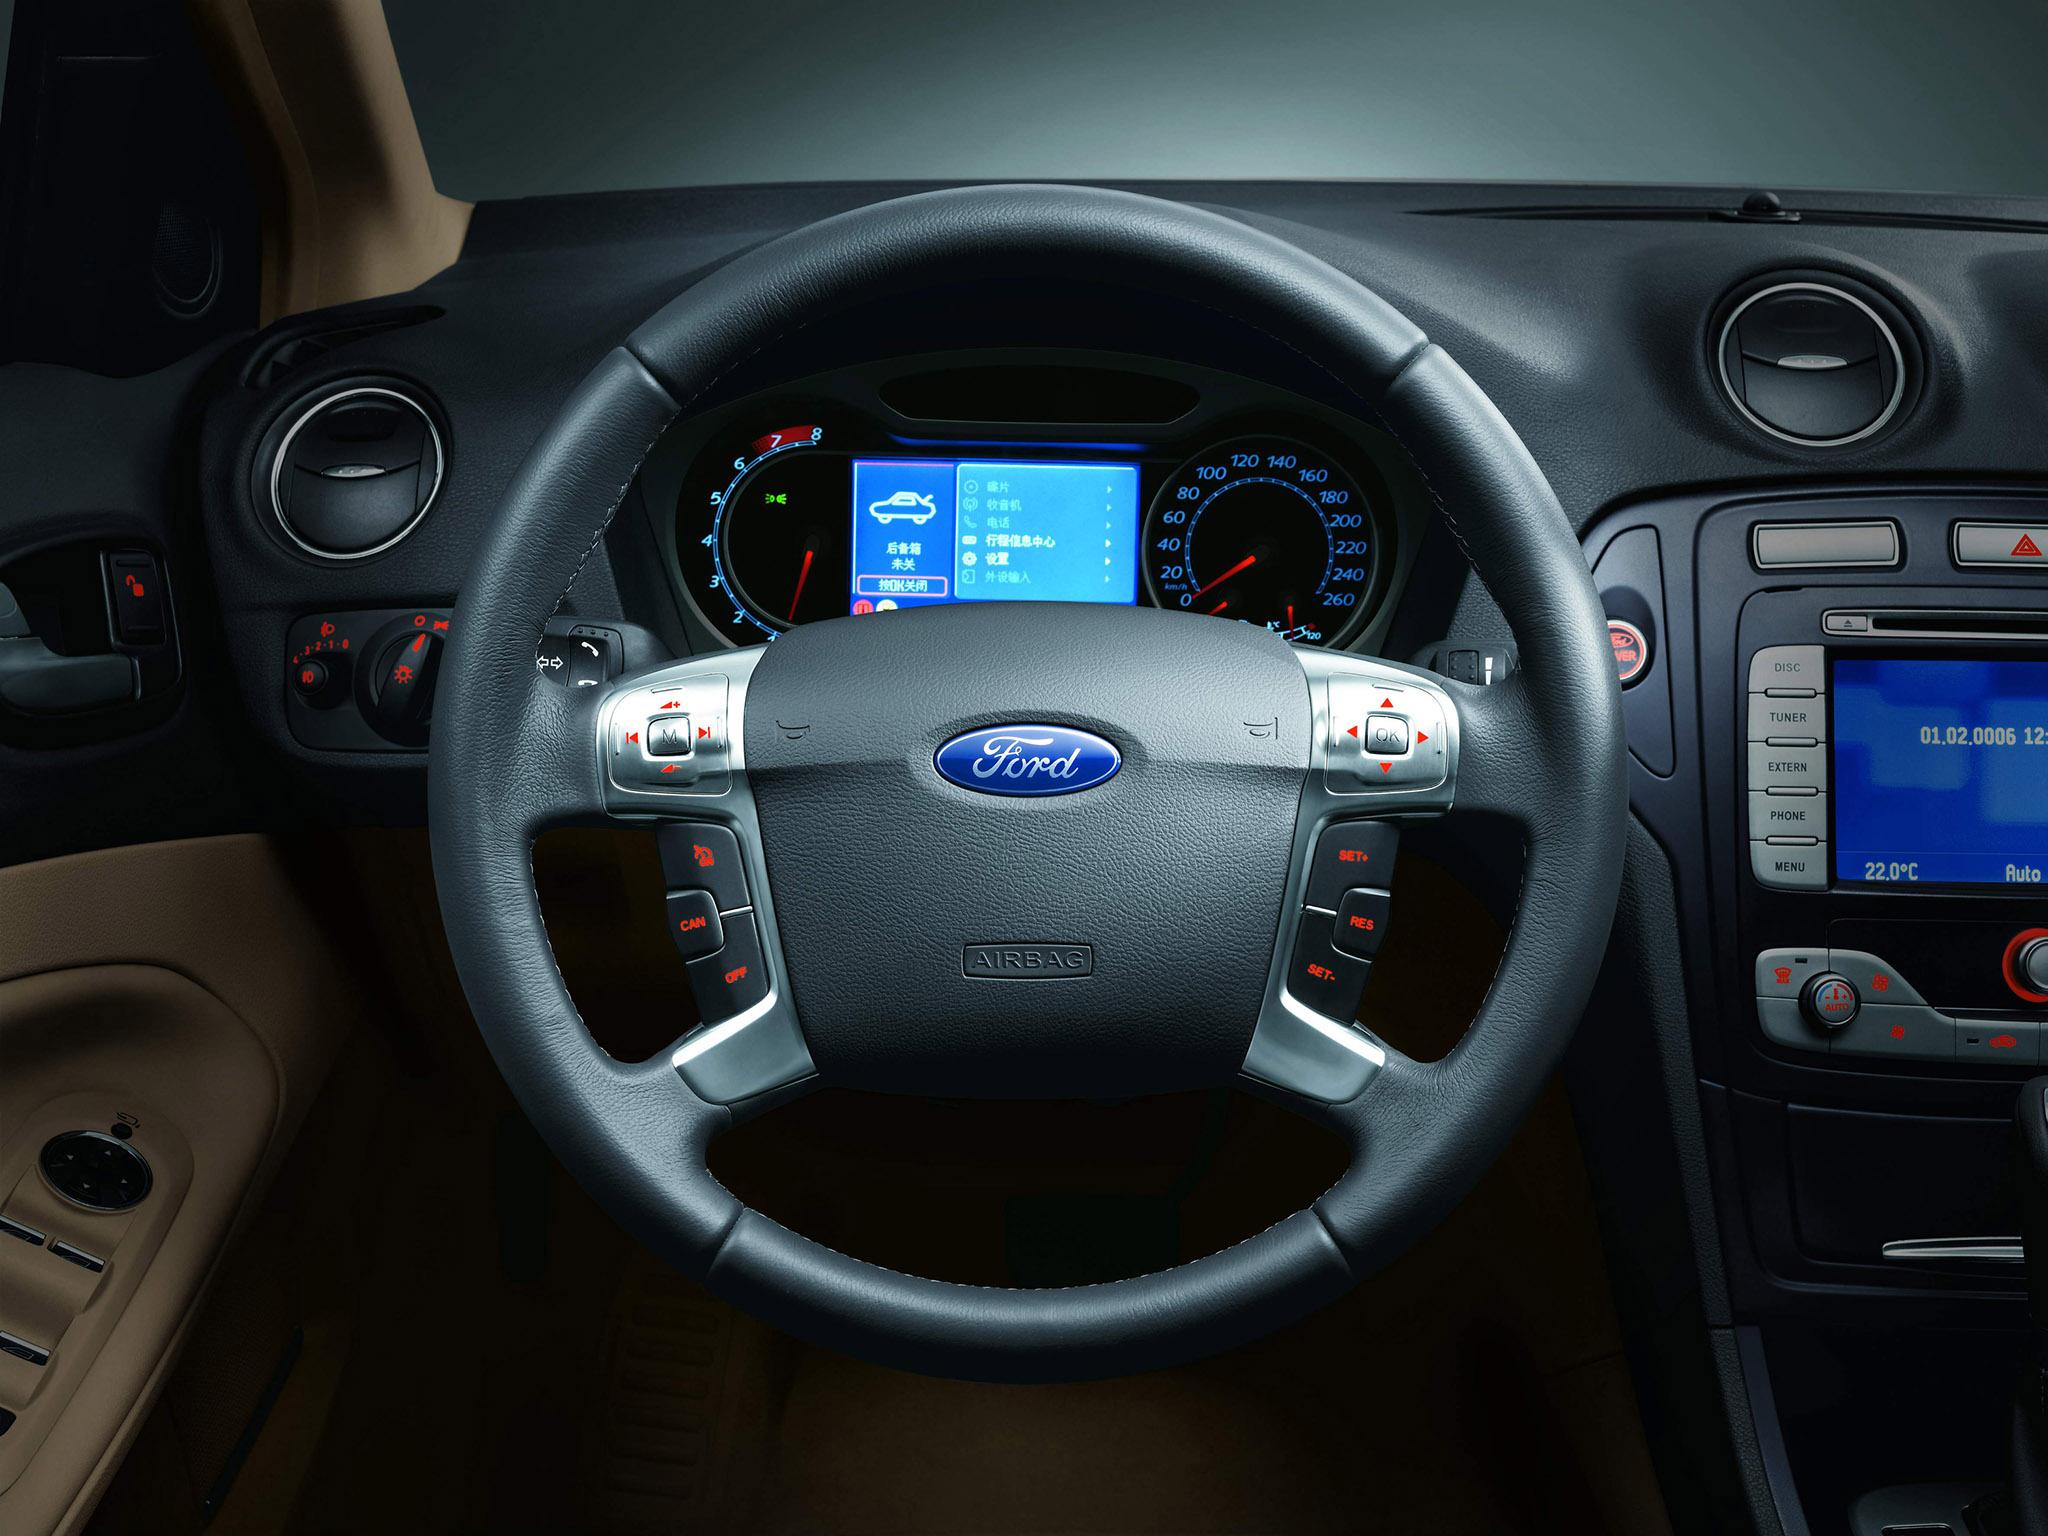 Как погасить экран бортового компьютера, когда зажигание Ford Mondeo 4 выключено?